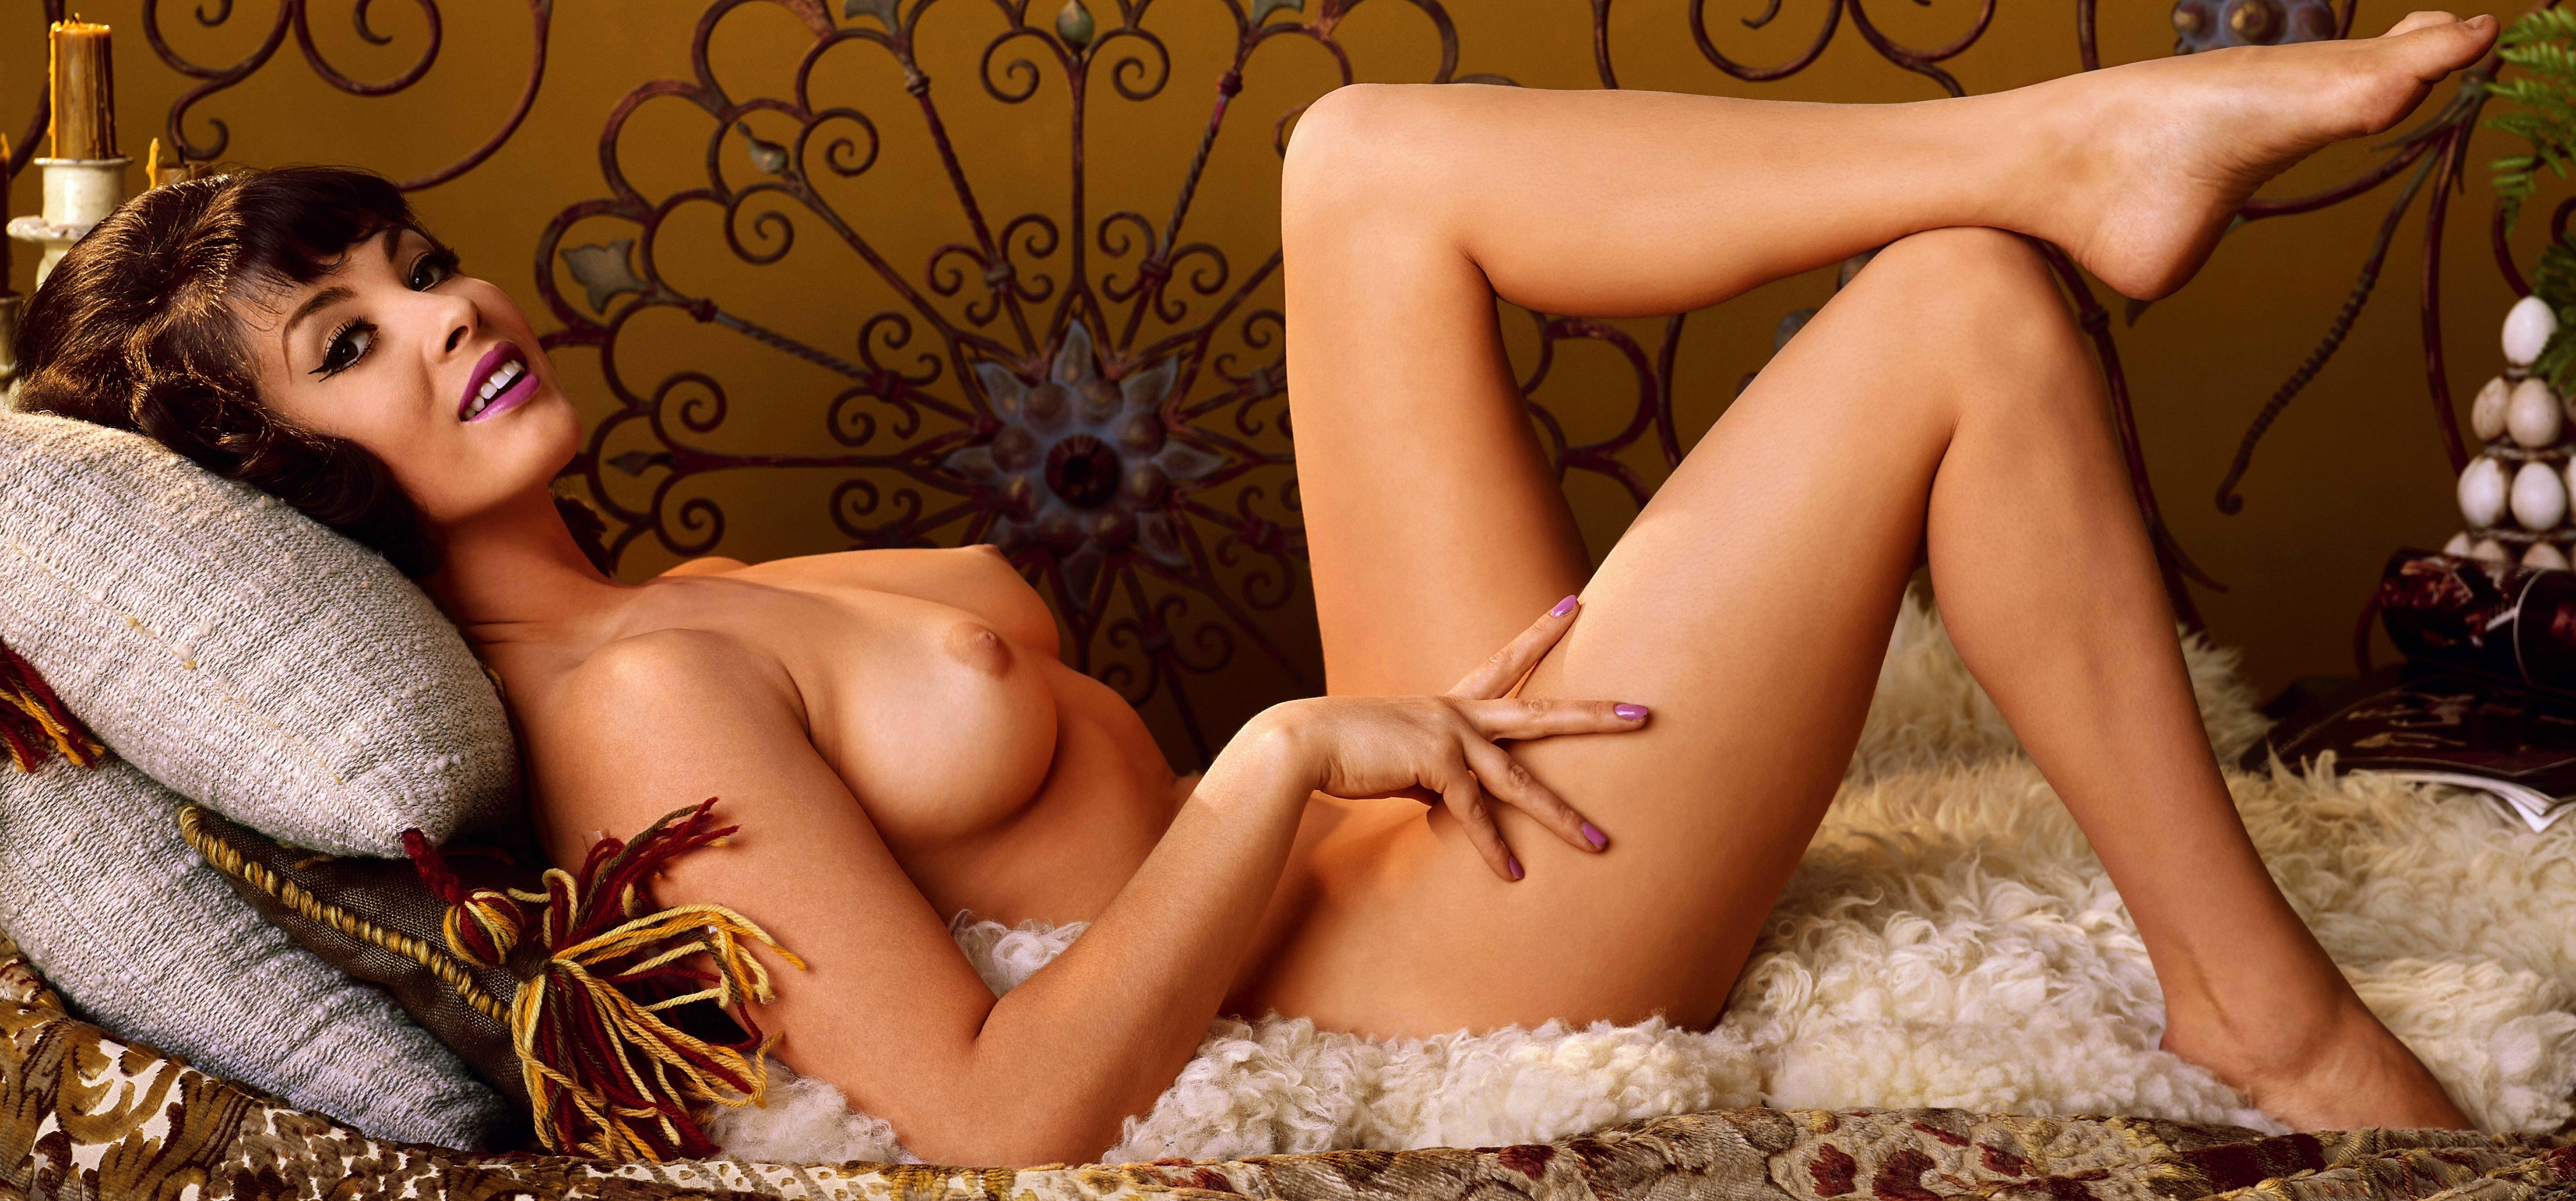 фото голых девушек плейбоя официальный сайт